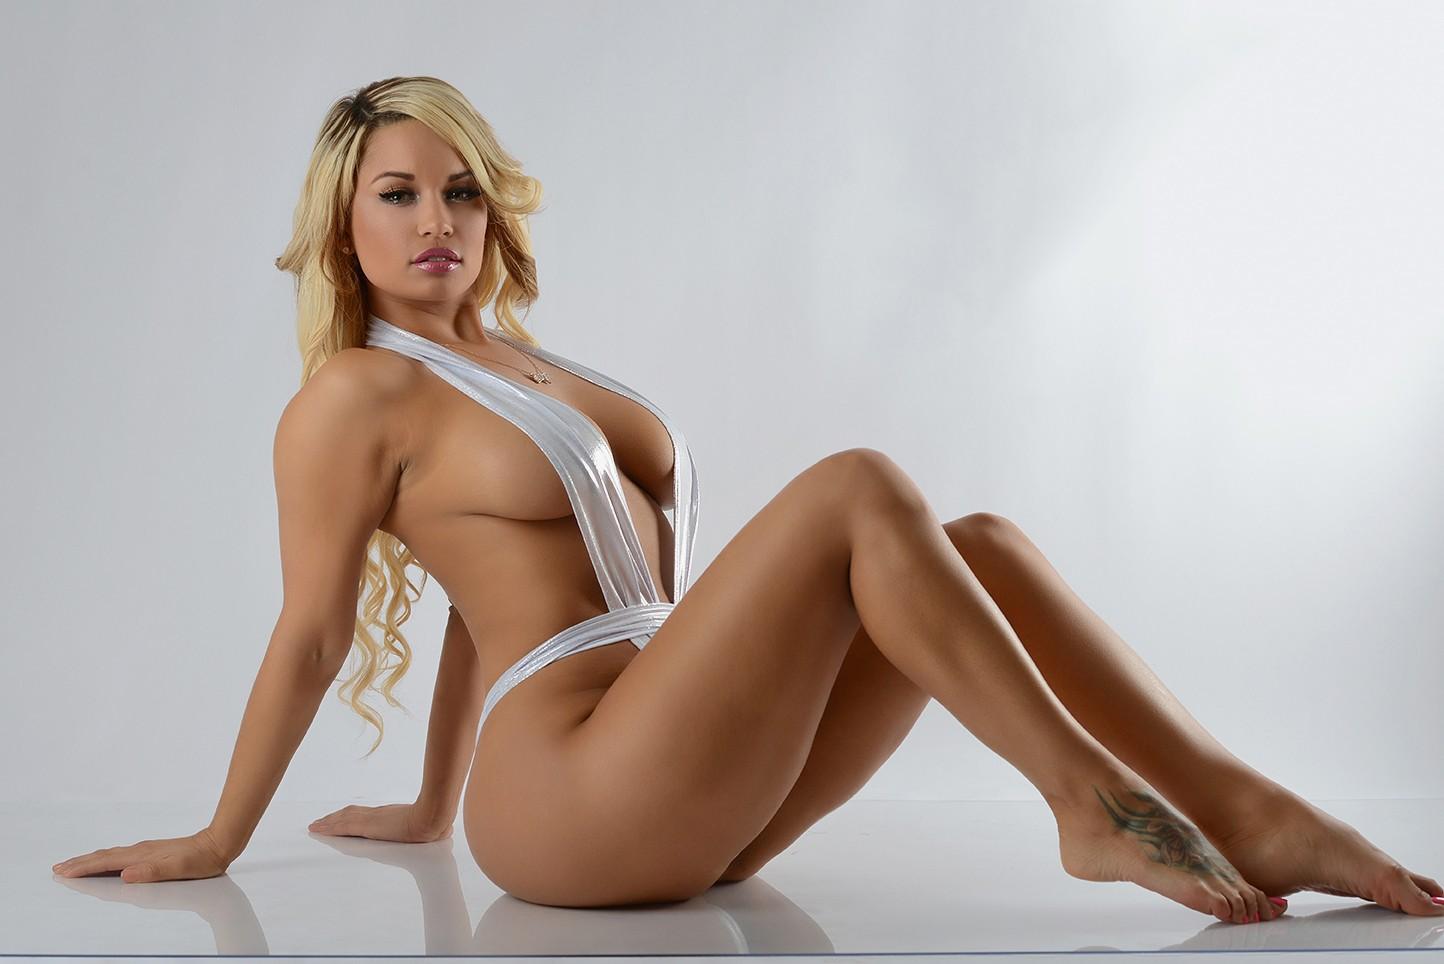 Jessica kiley nude 5